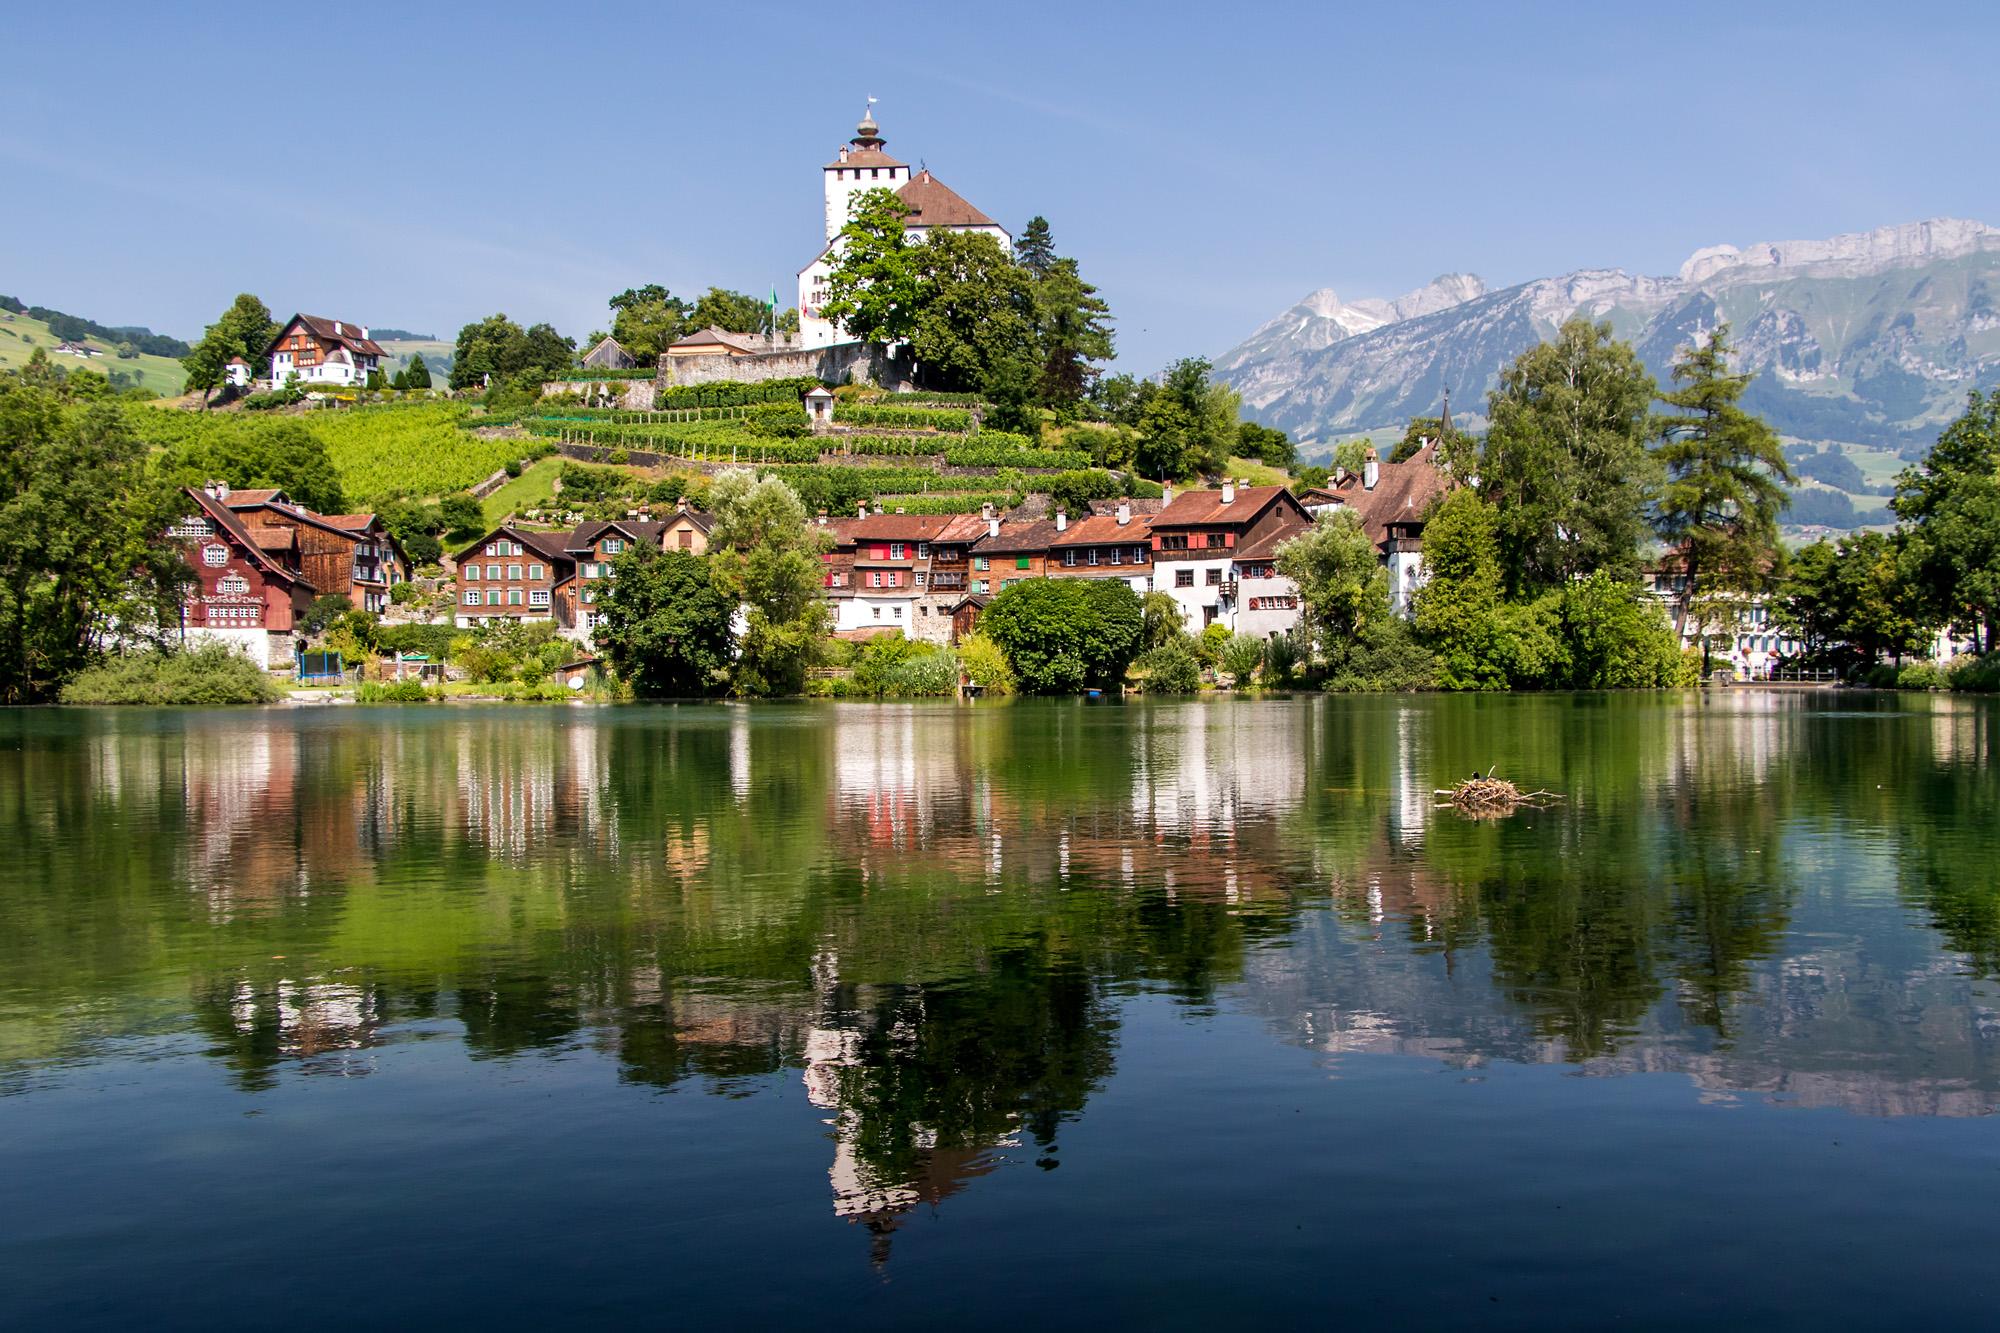 Werdenberg (SG) - welches auch als kleinste Stadt der Schweiz oder gar Europas gilt - in seiner ganzen Pracht